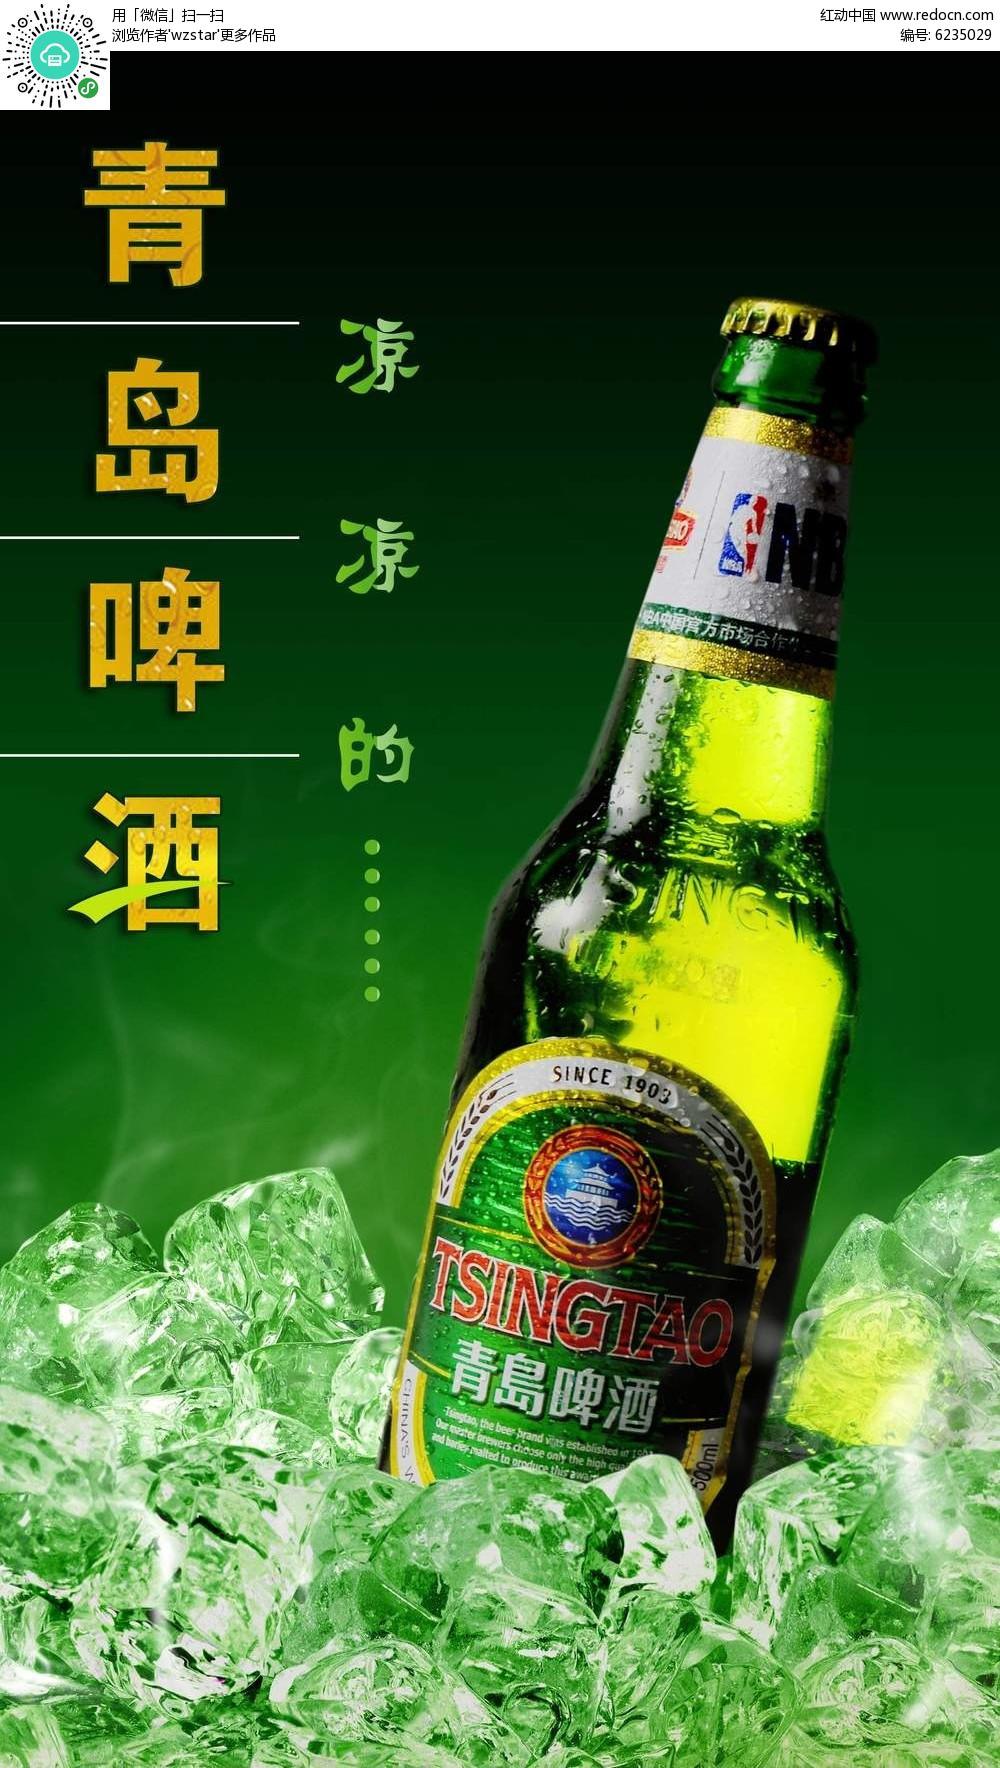 青岛啤酒创意宣传海报